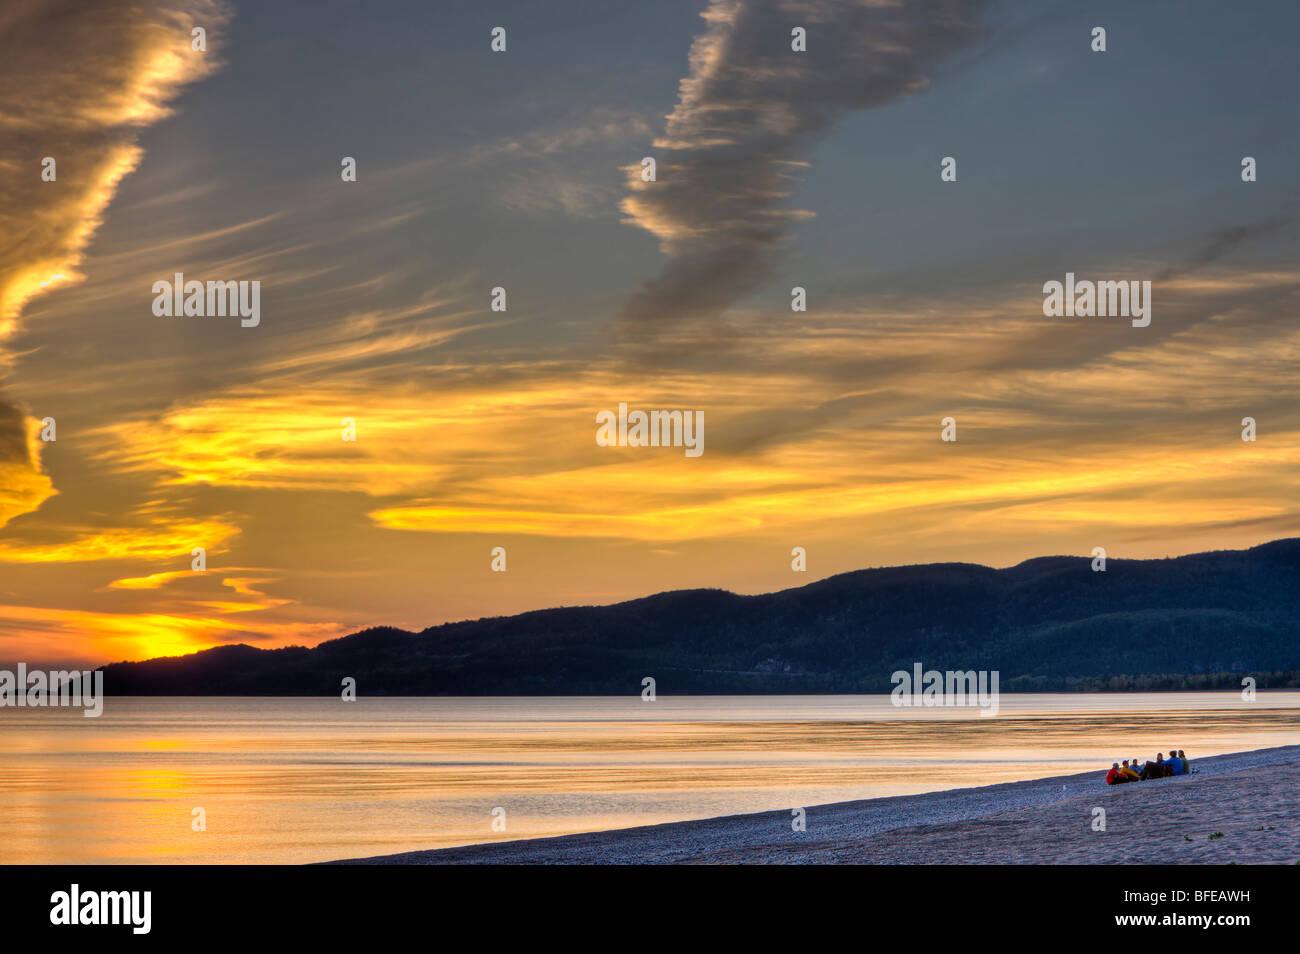 Grupo de gente sentada en la playa en la Bahía de Agawa al atardecer, el Lago Superior, el Lago Superior Provincial Imagen De Stock